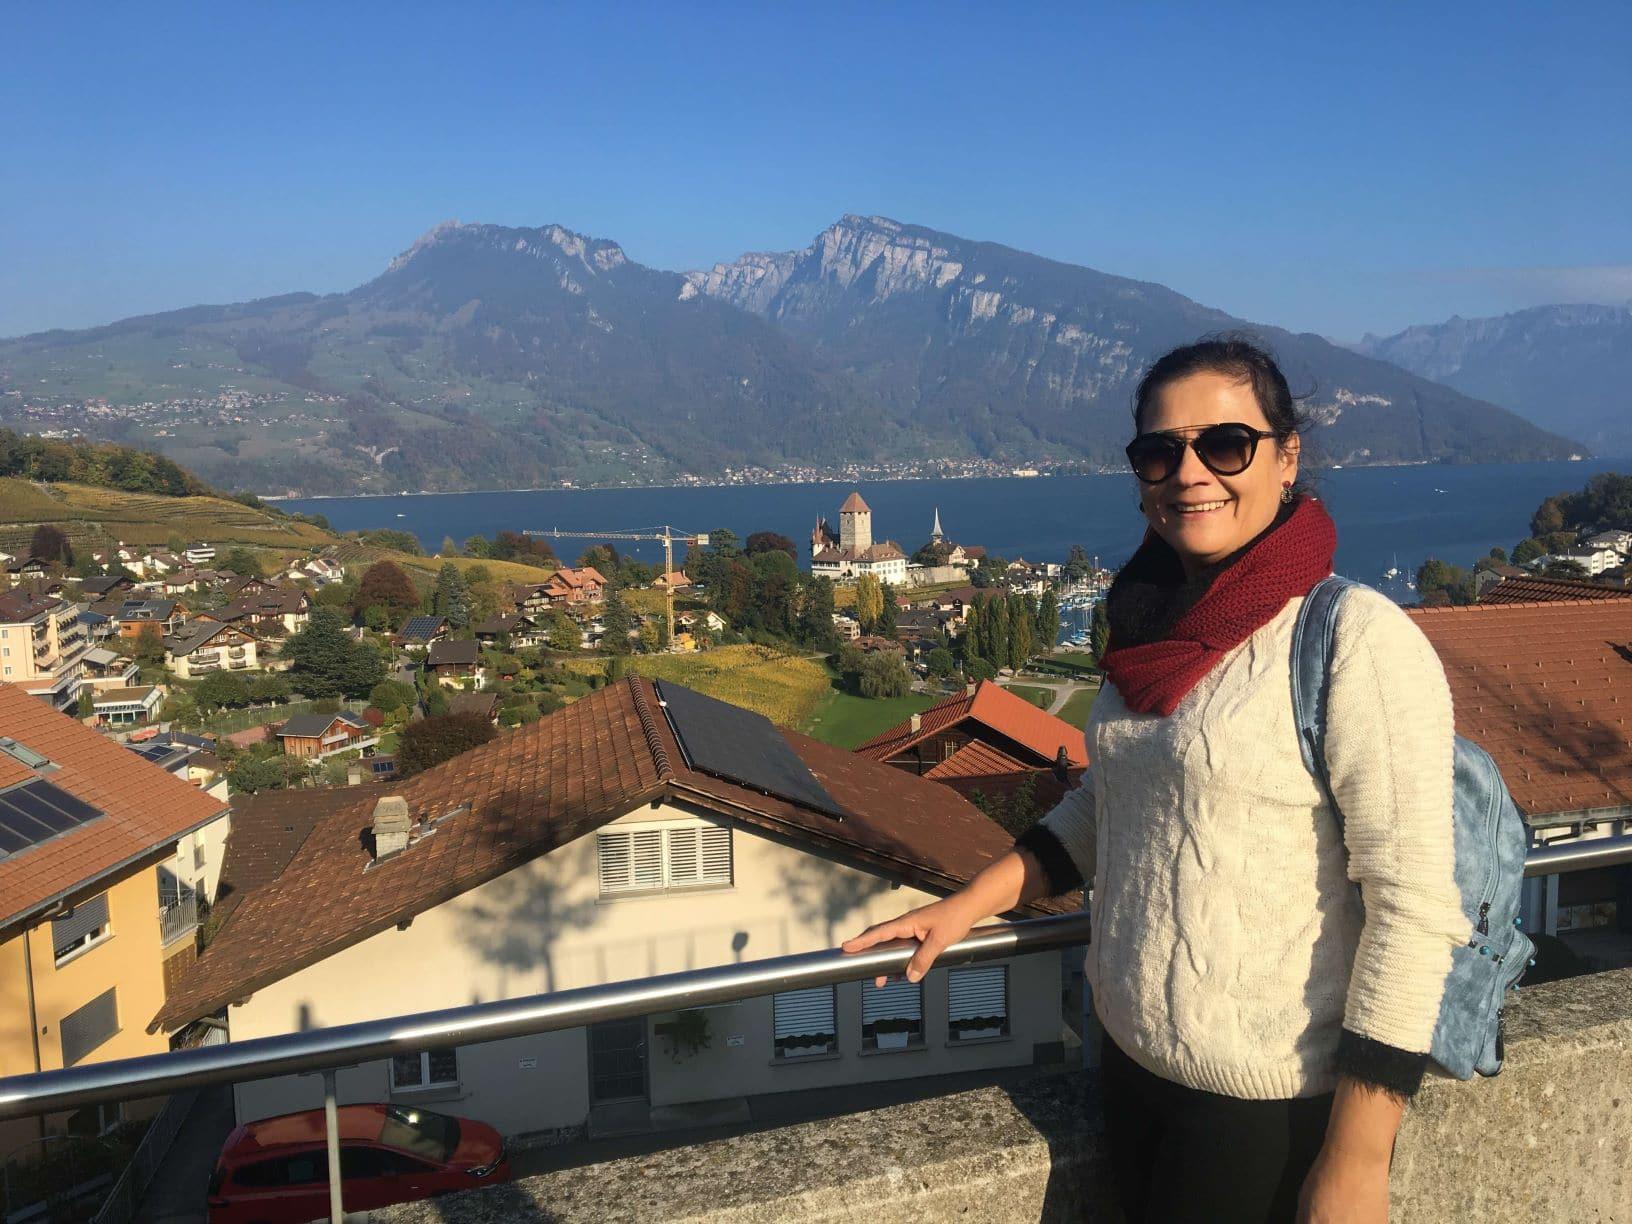 Spiez: veja mais belezas do cantão suíço de Berna